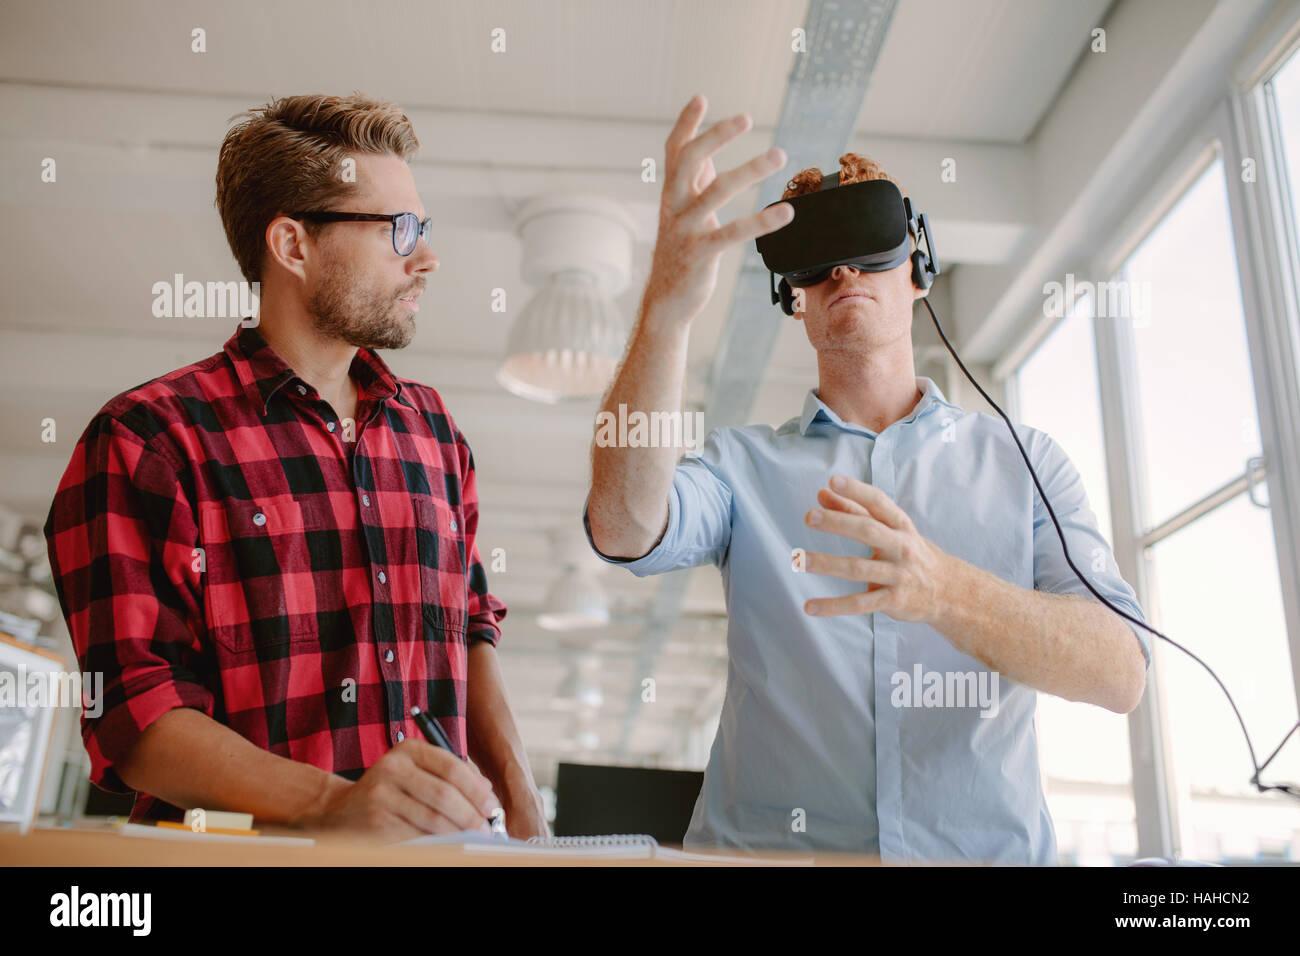 Photo de deux jeunes hommes l'essai casque de réalité virtuelle. Les hommes d'affaires de discuter Photo Stock